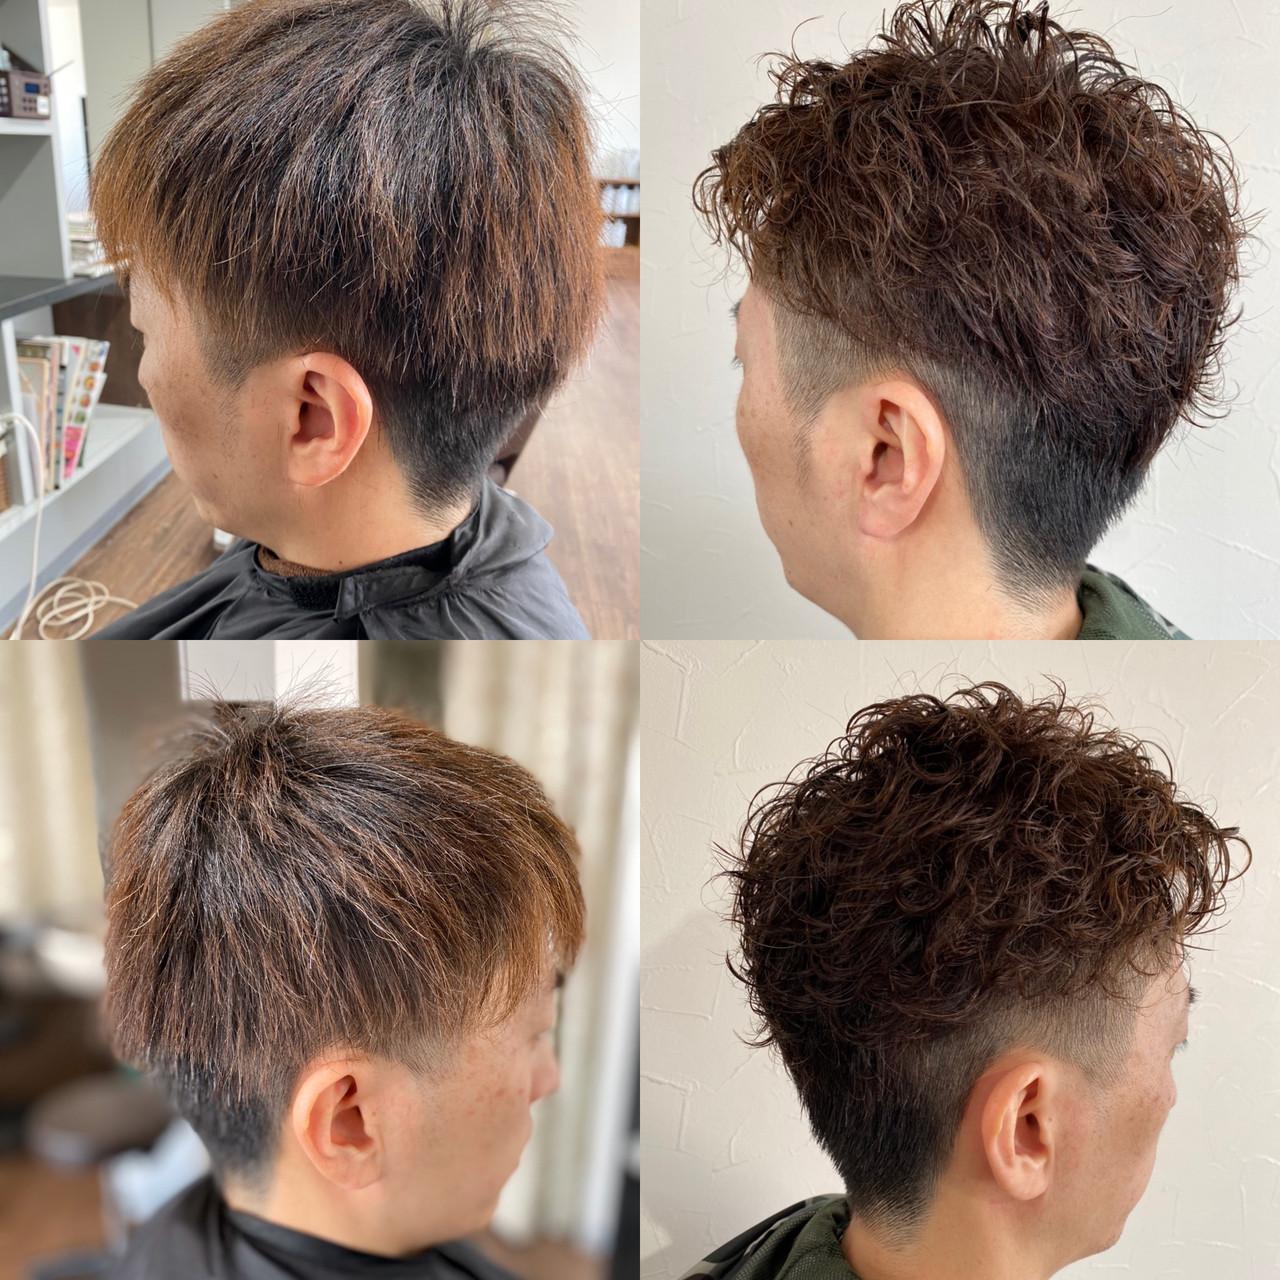 ストリート ショート スパイラルパーマ メンズパーマ ヘアスタイルや髪型の写真・画像